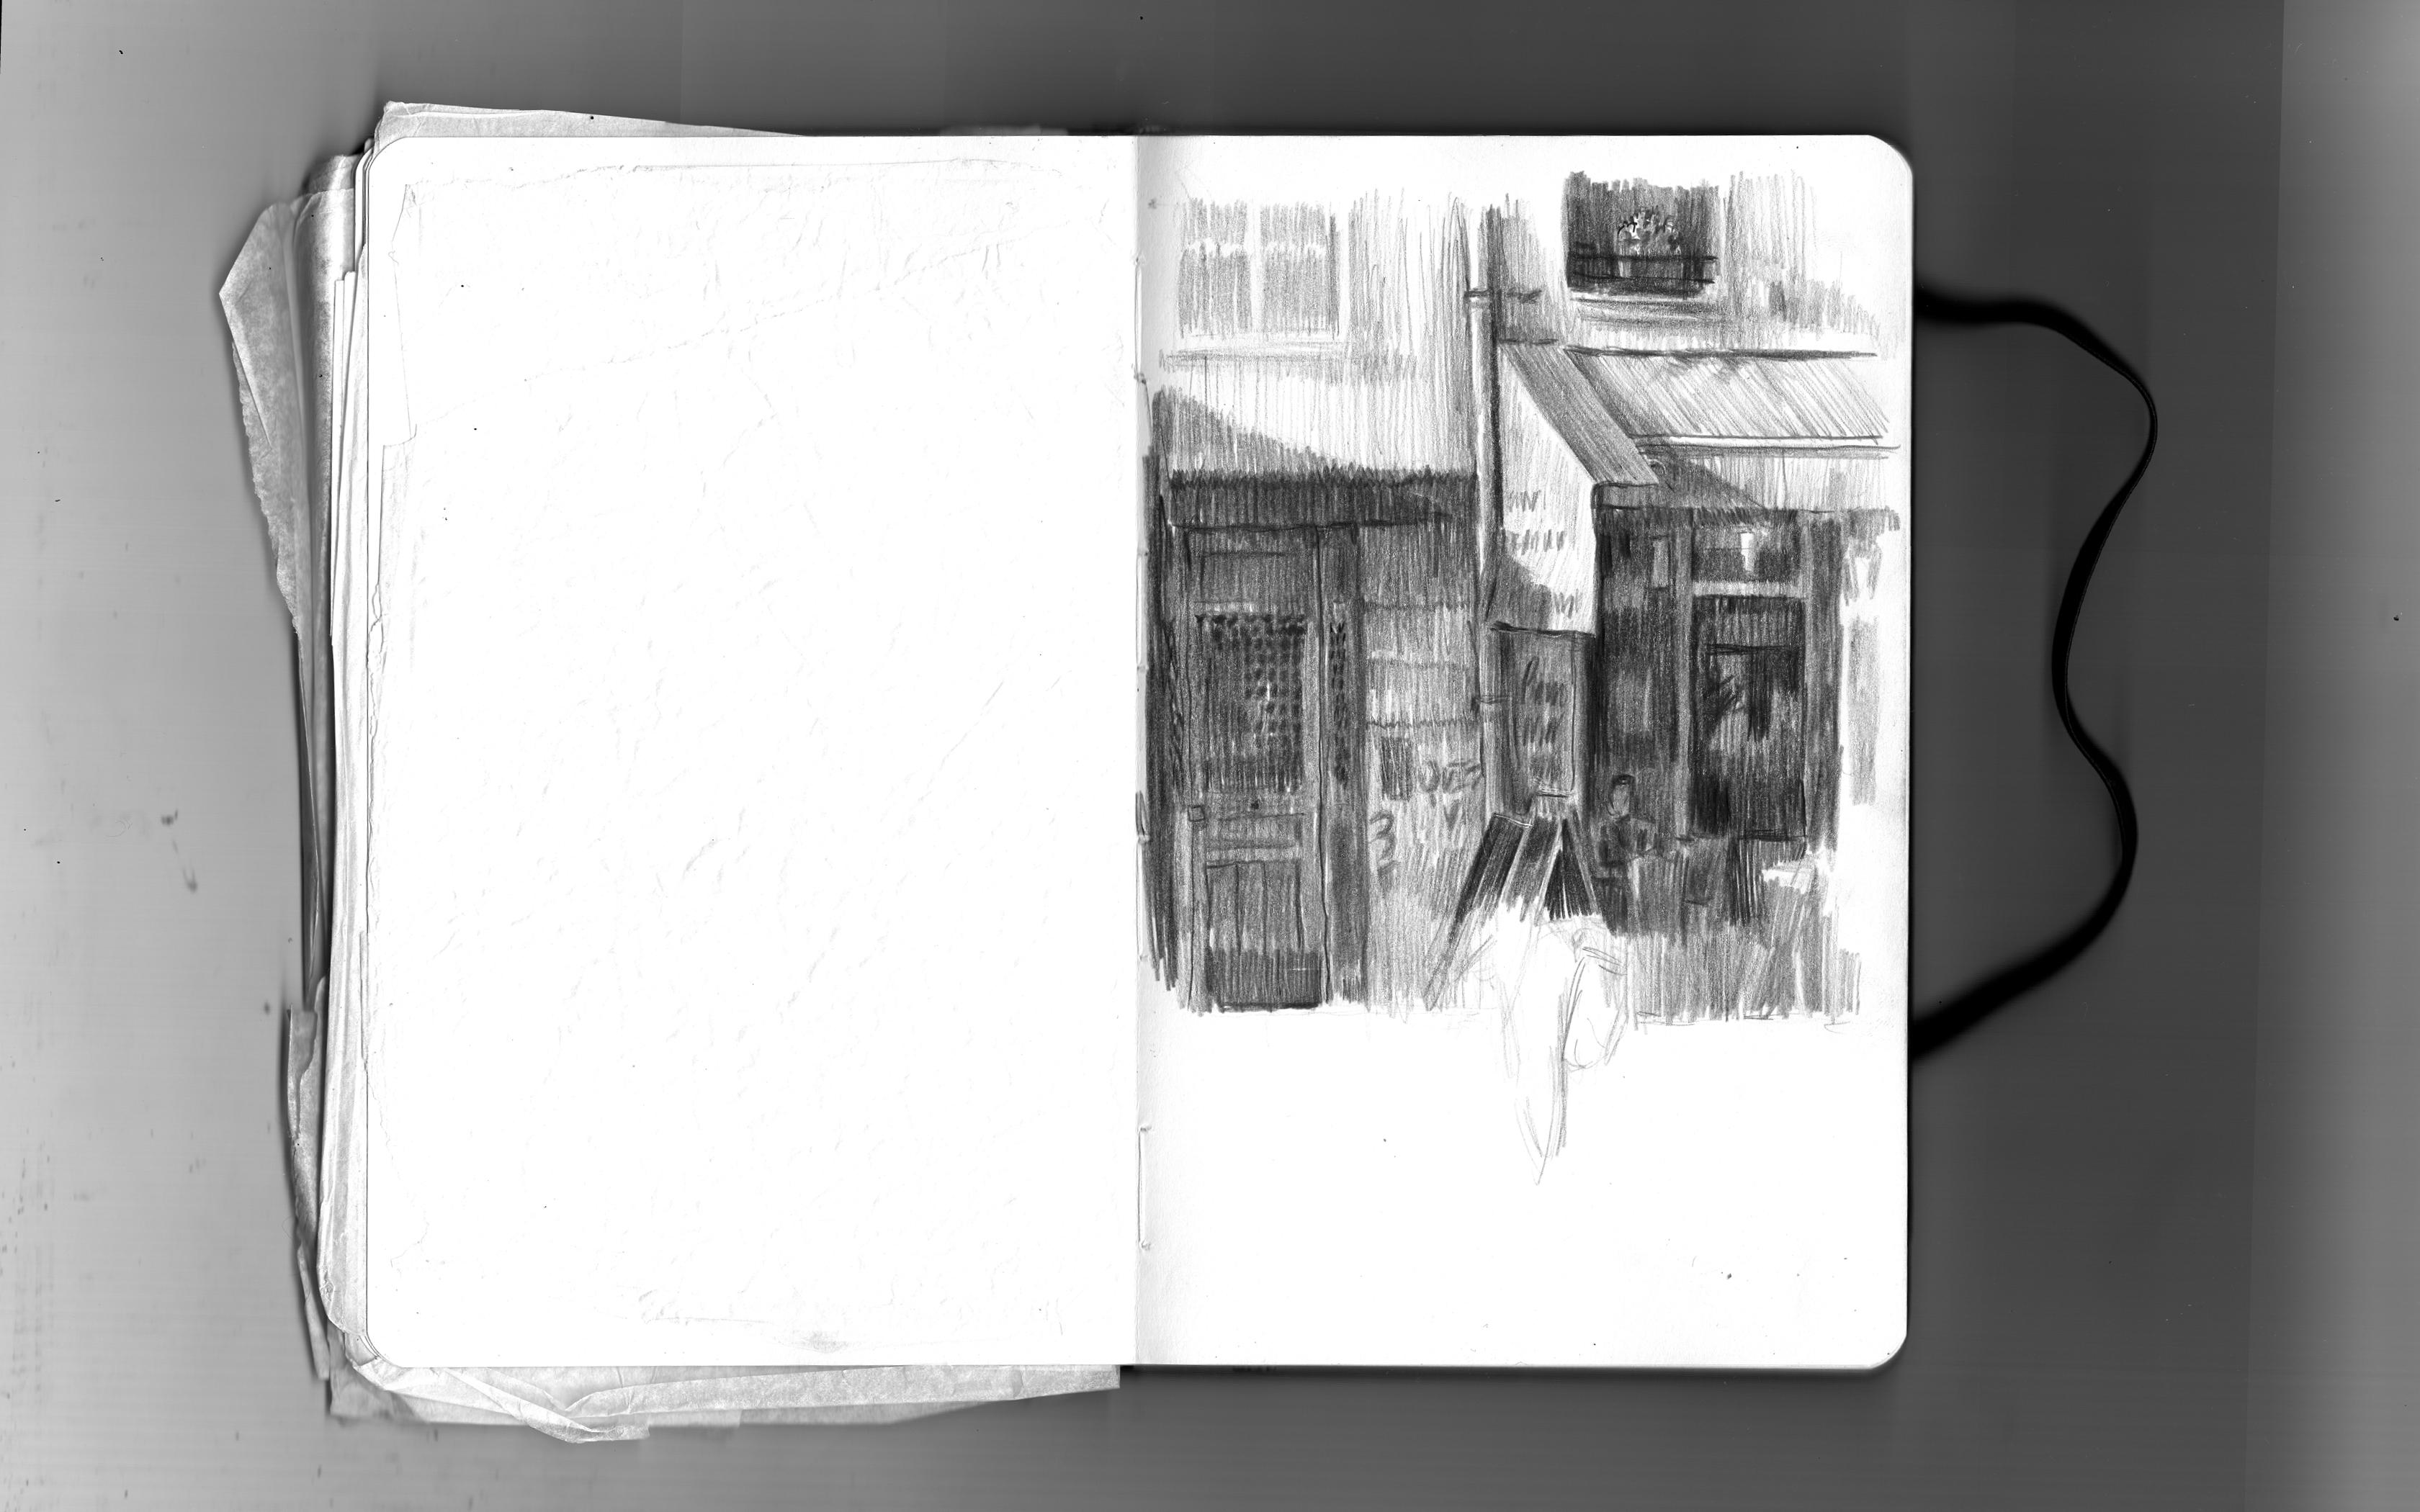 BOOK_2142